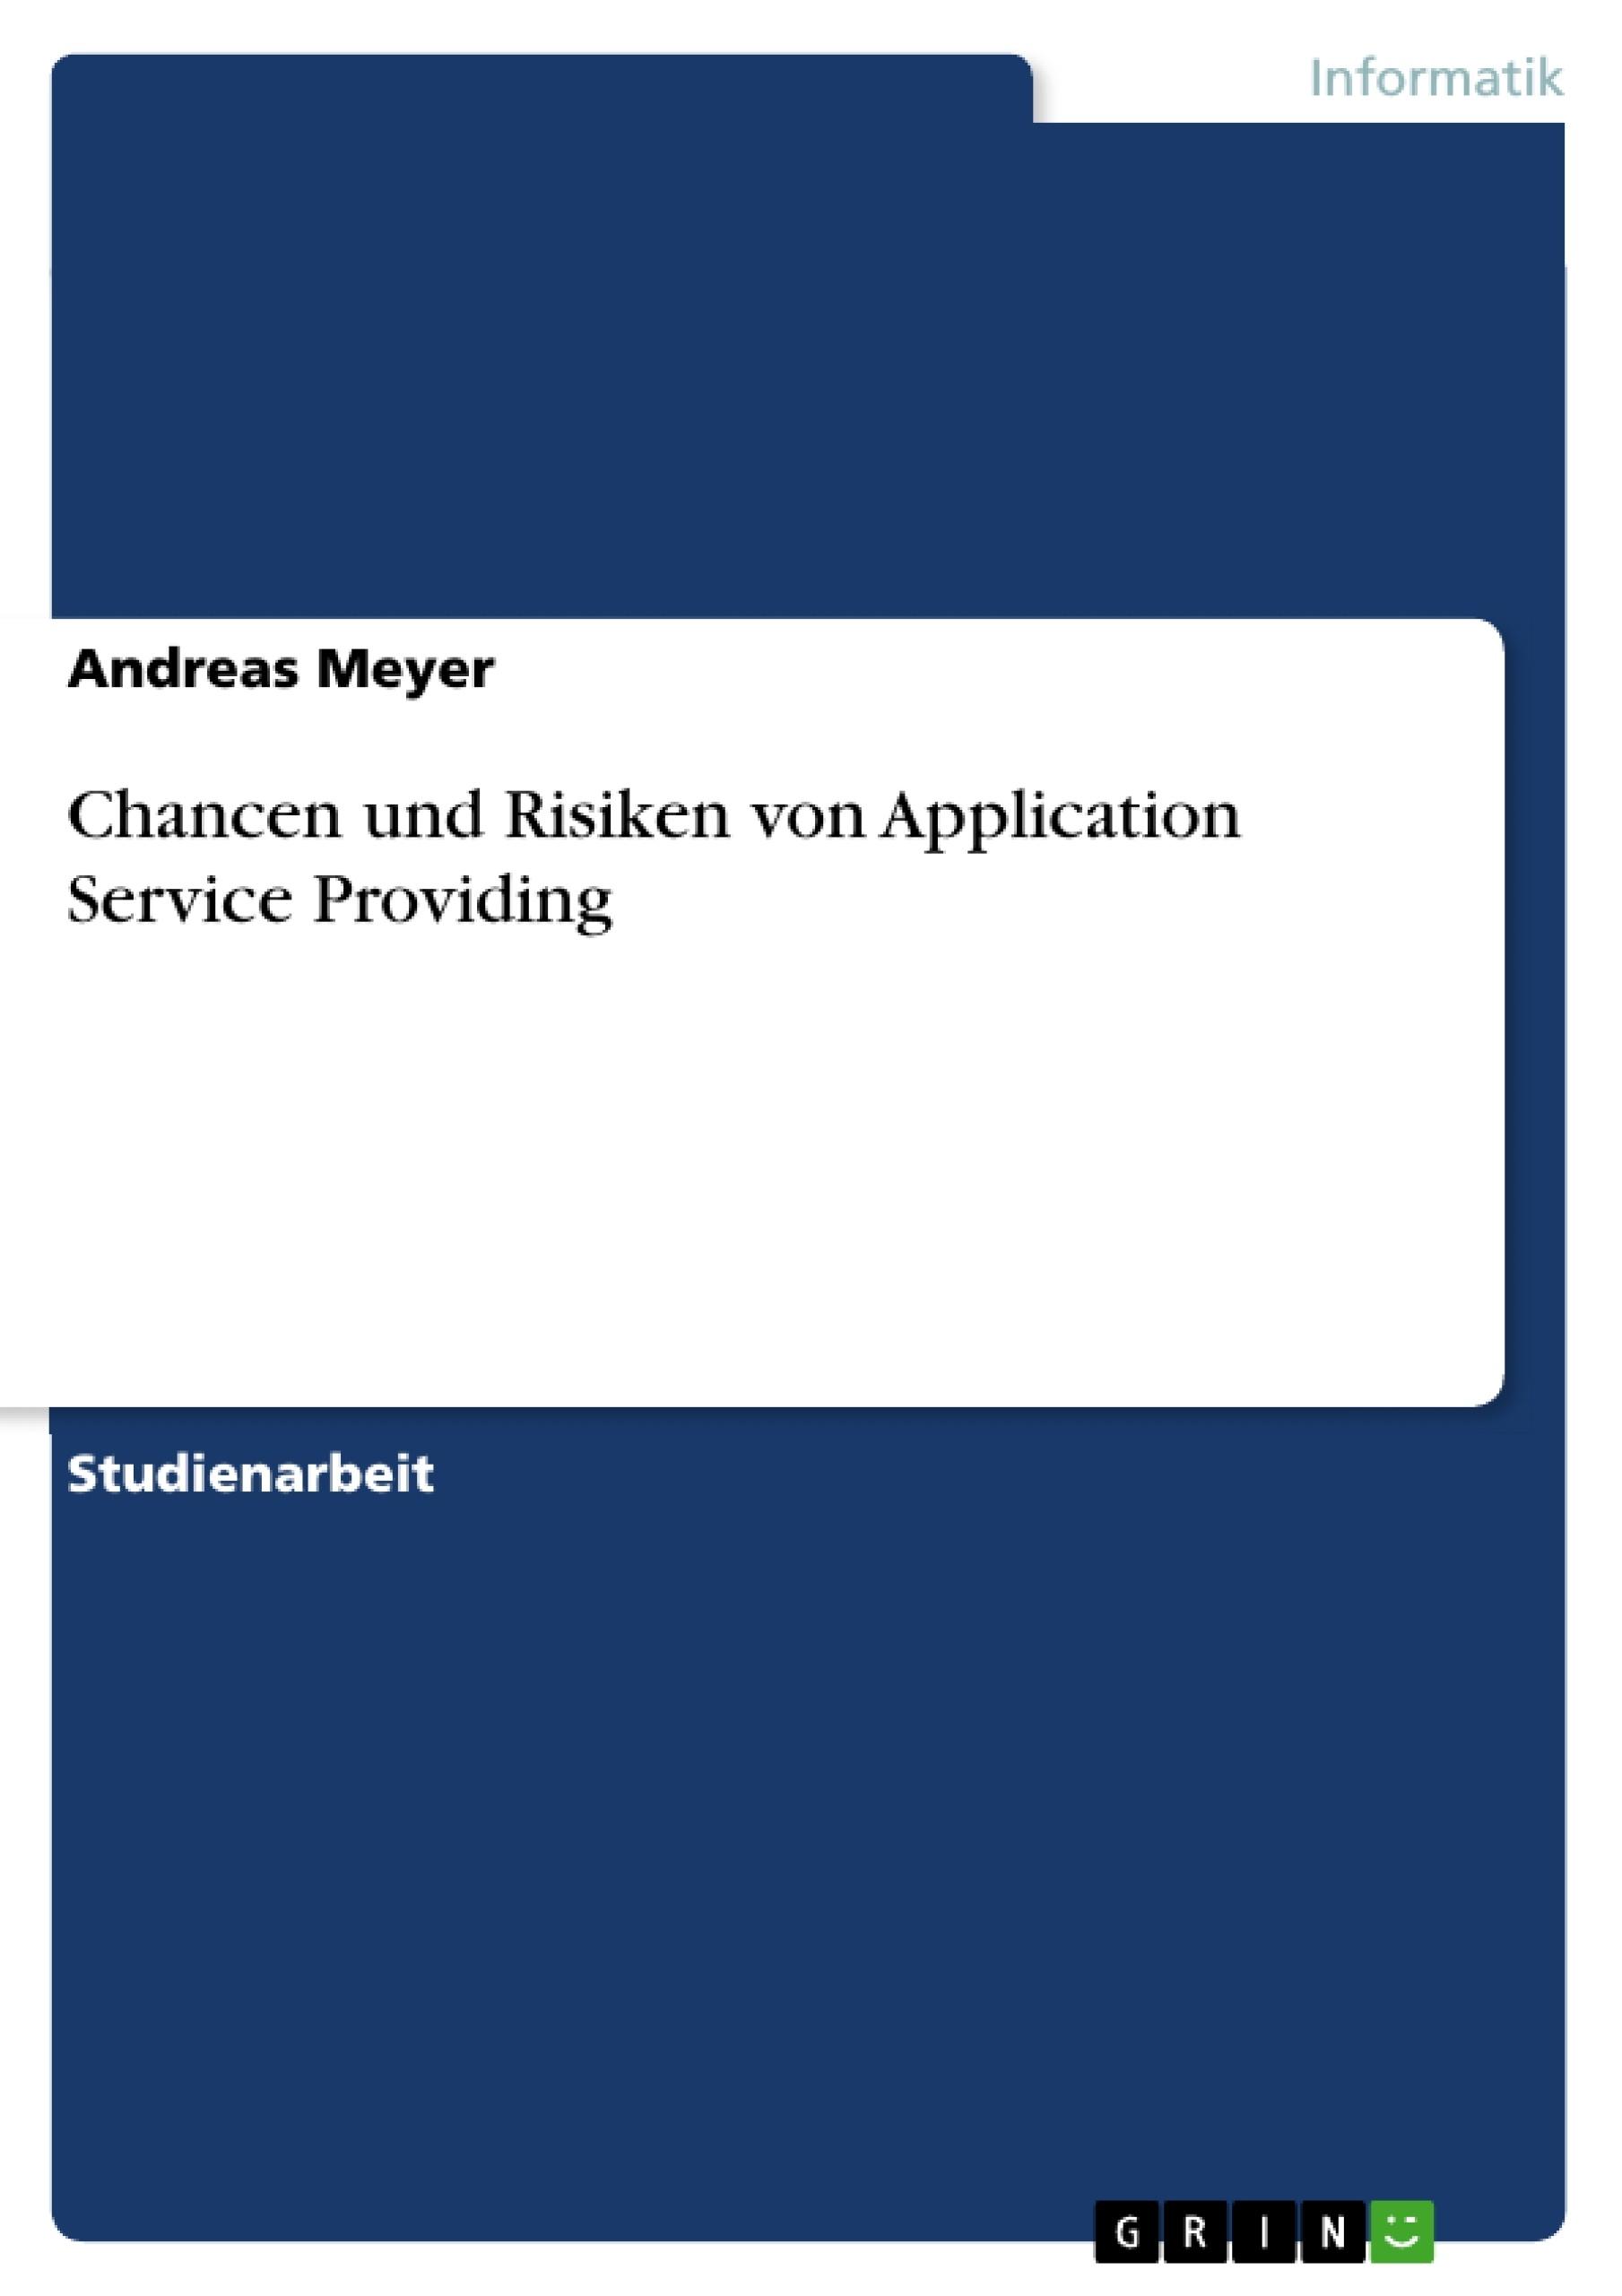 Titel: Chancen und Risiken von Application Service Providing